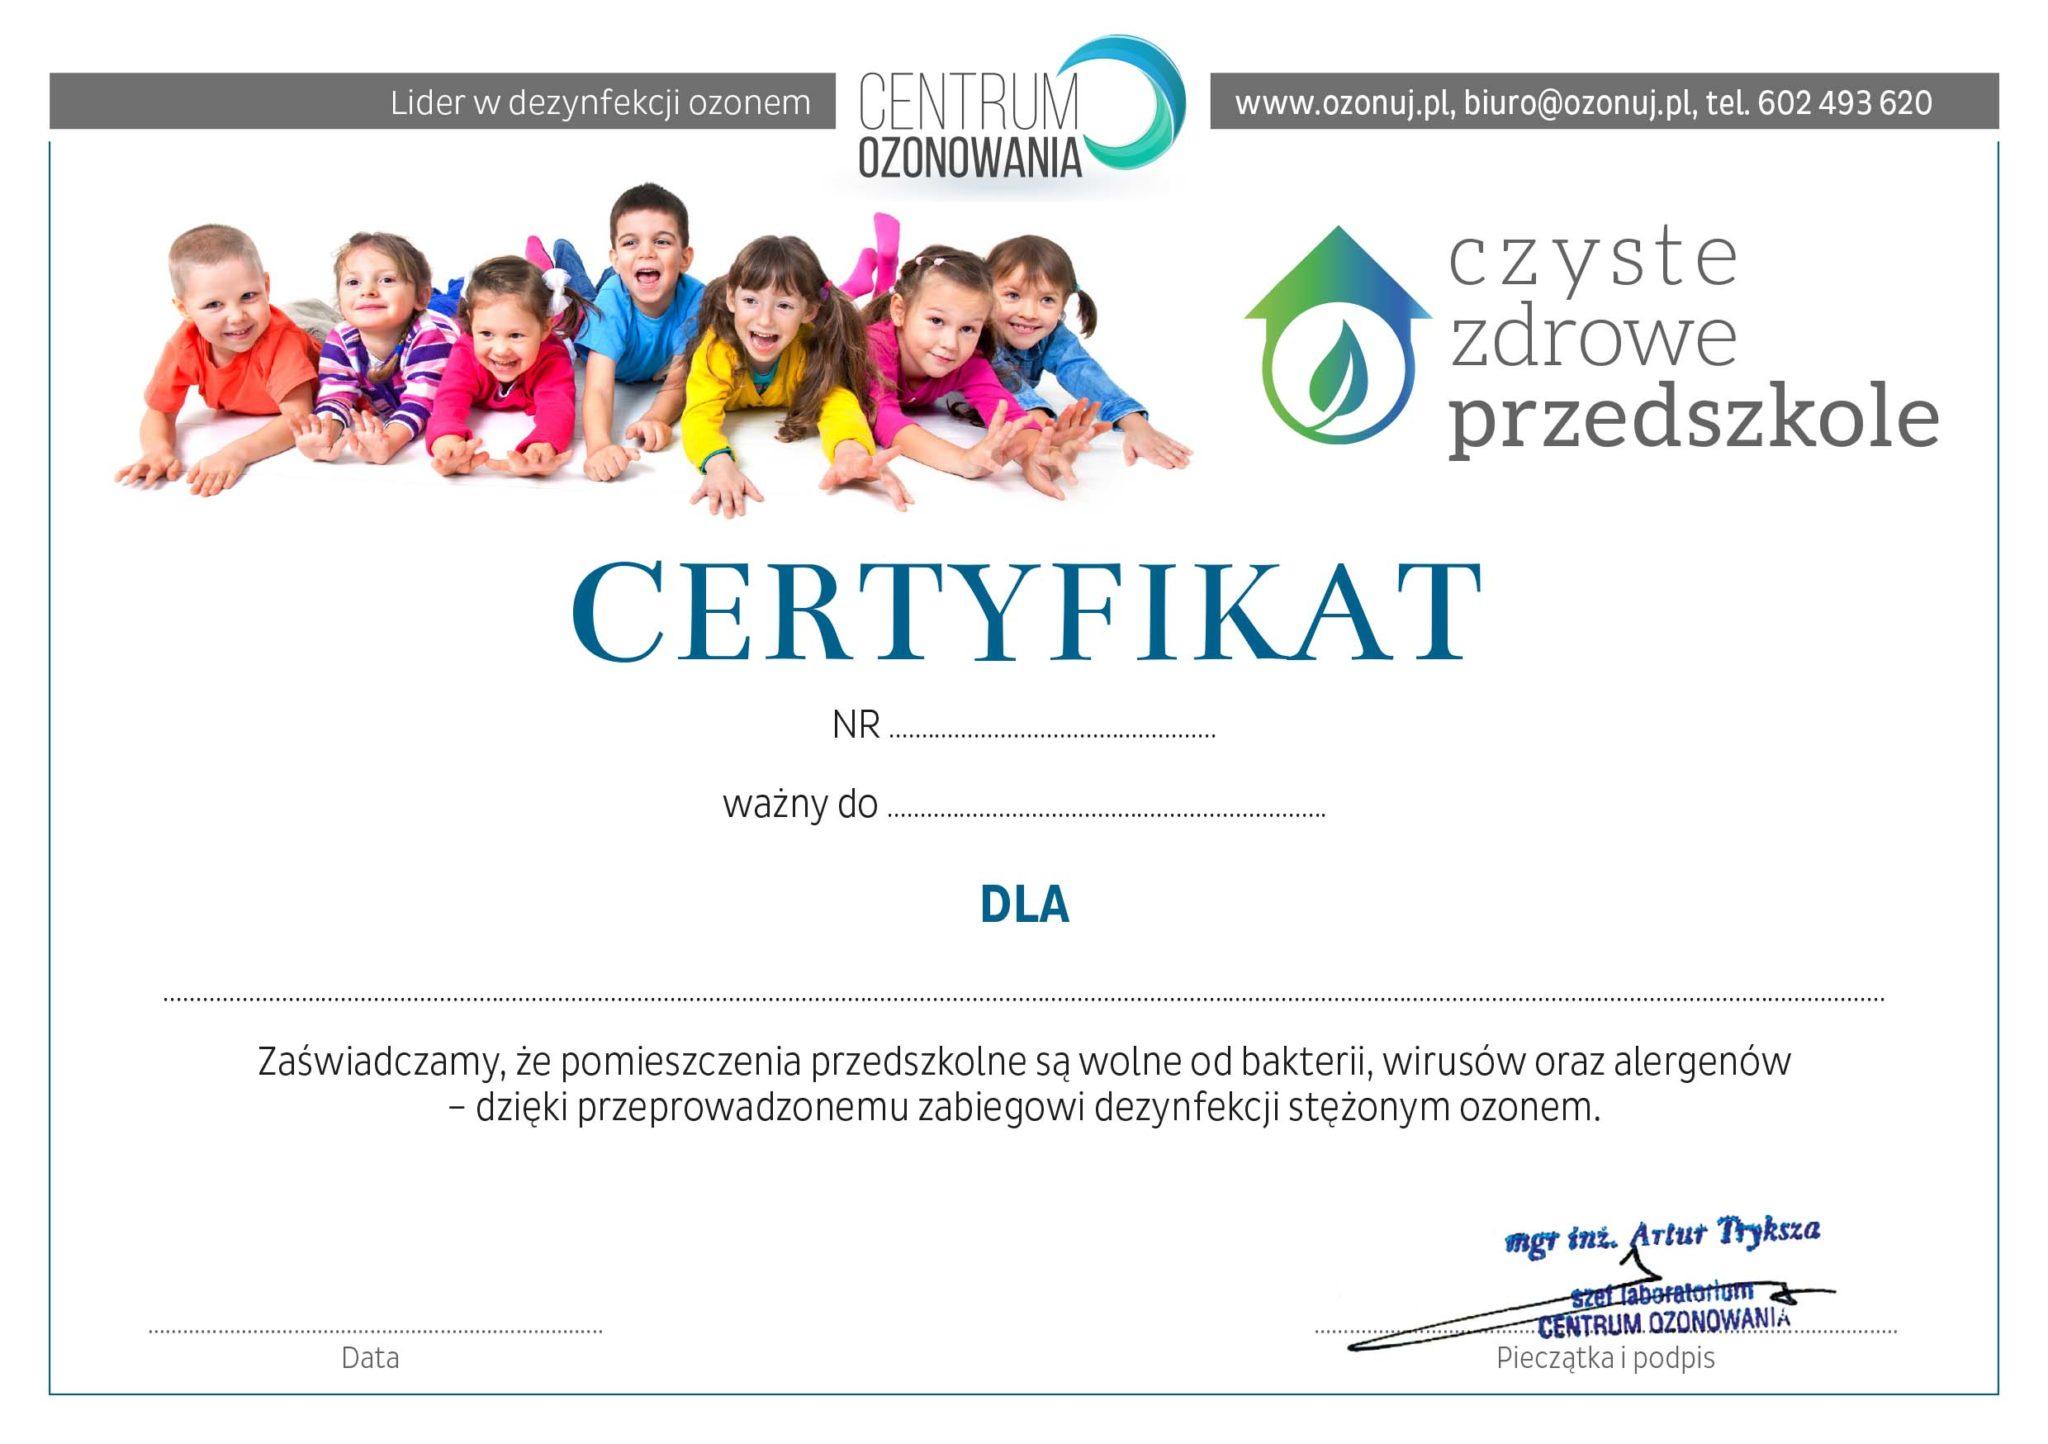 Sezon zachorowań w przedszkolach w pełni. Skuteczna dezynfekcja-ozonowanie-usunie przyczynę chorób - wirusy, zarazki i bakterie